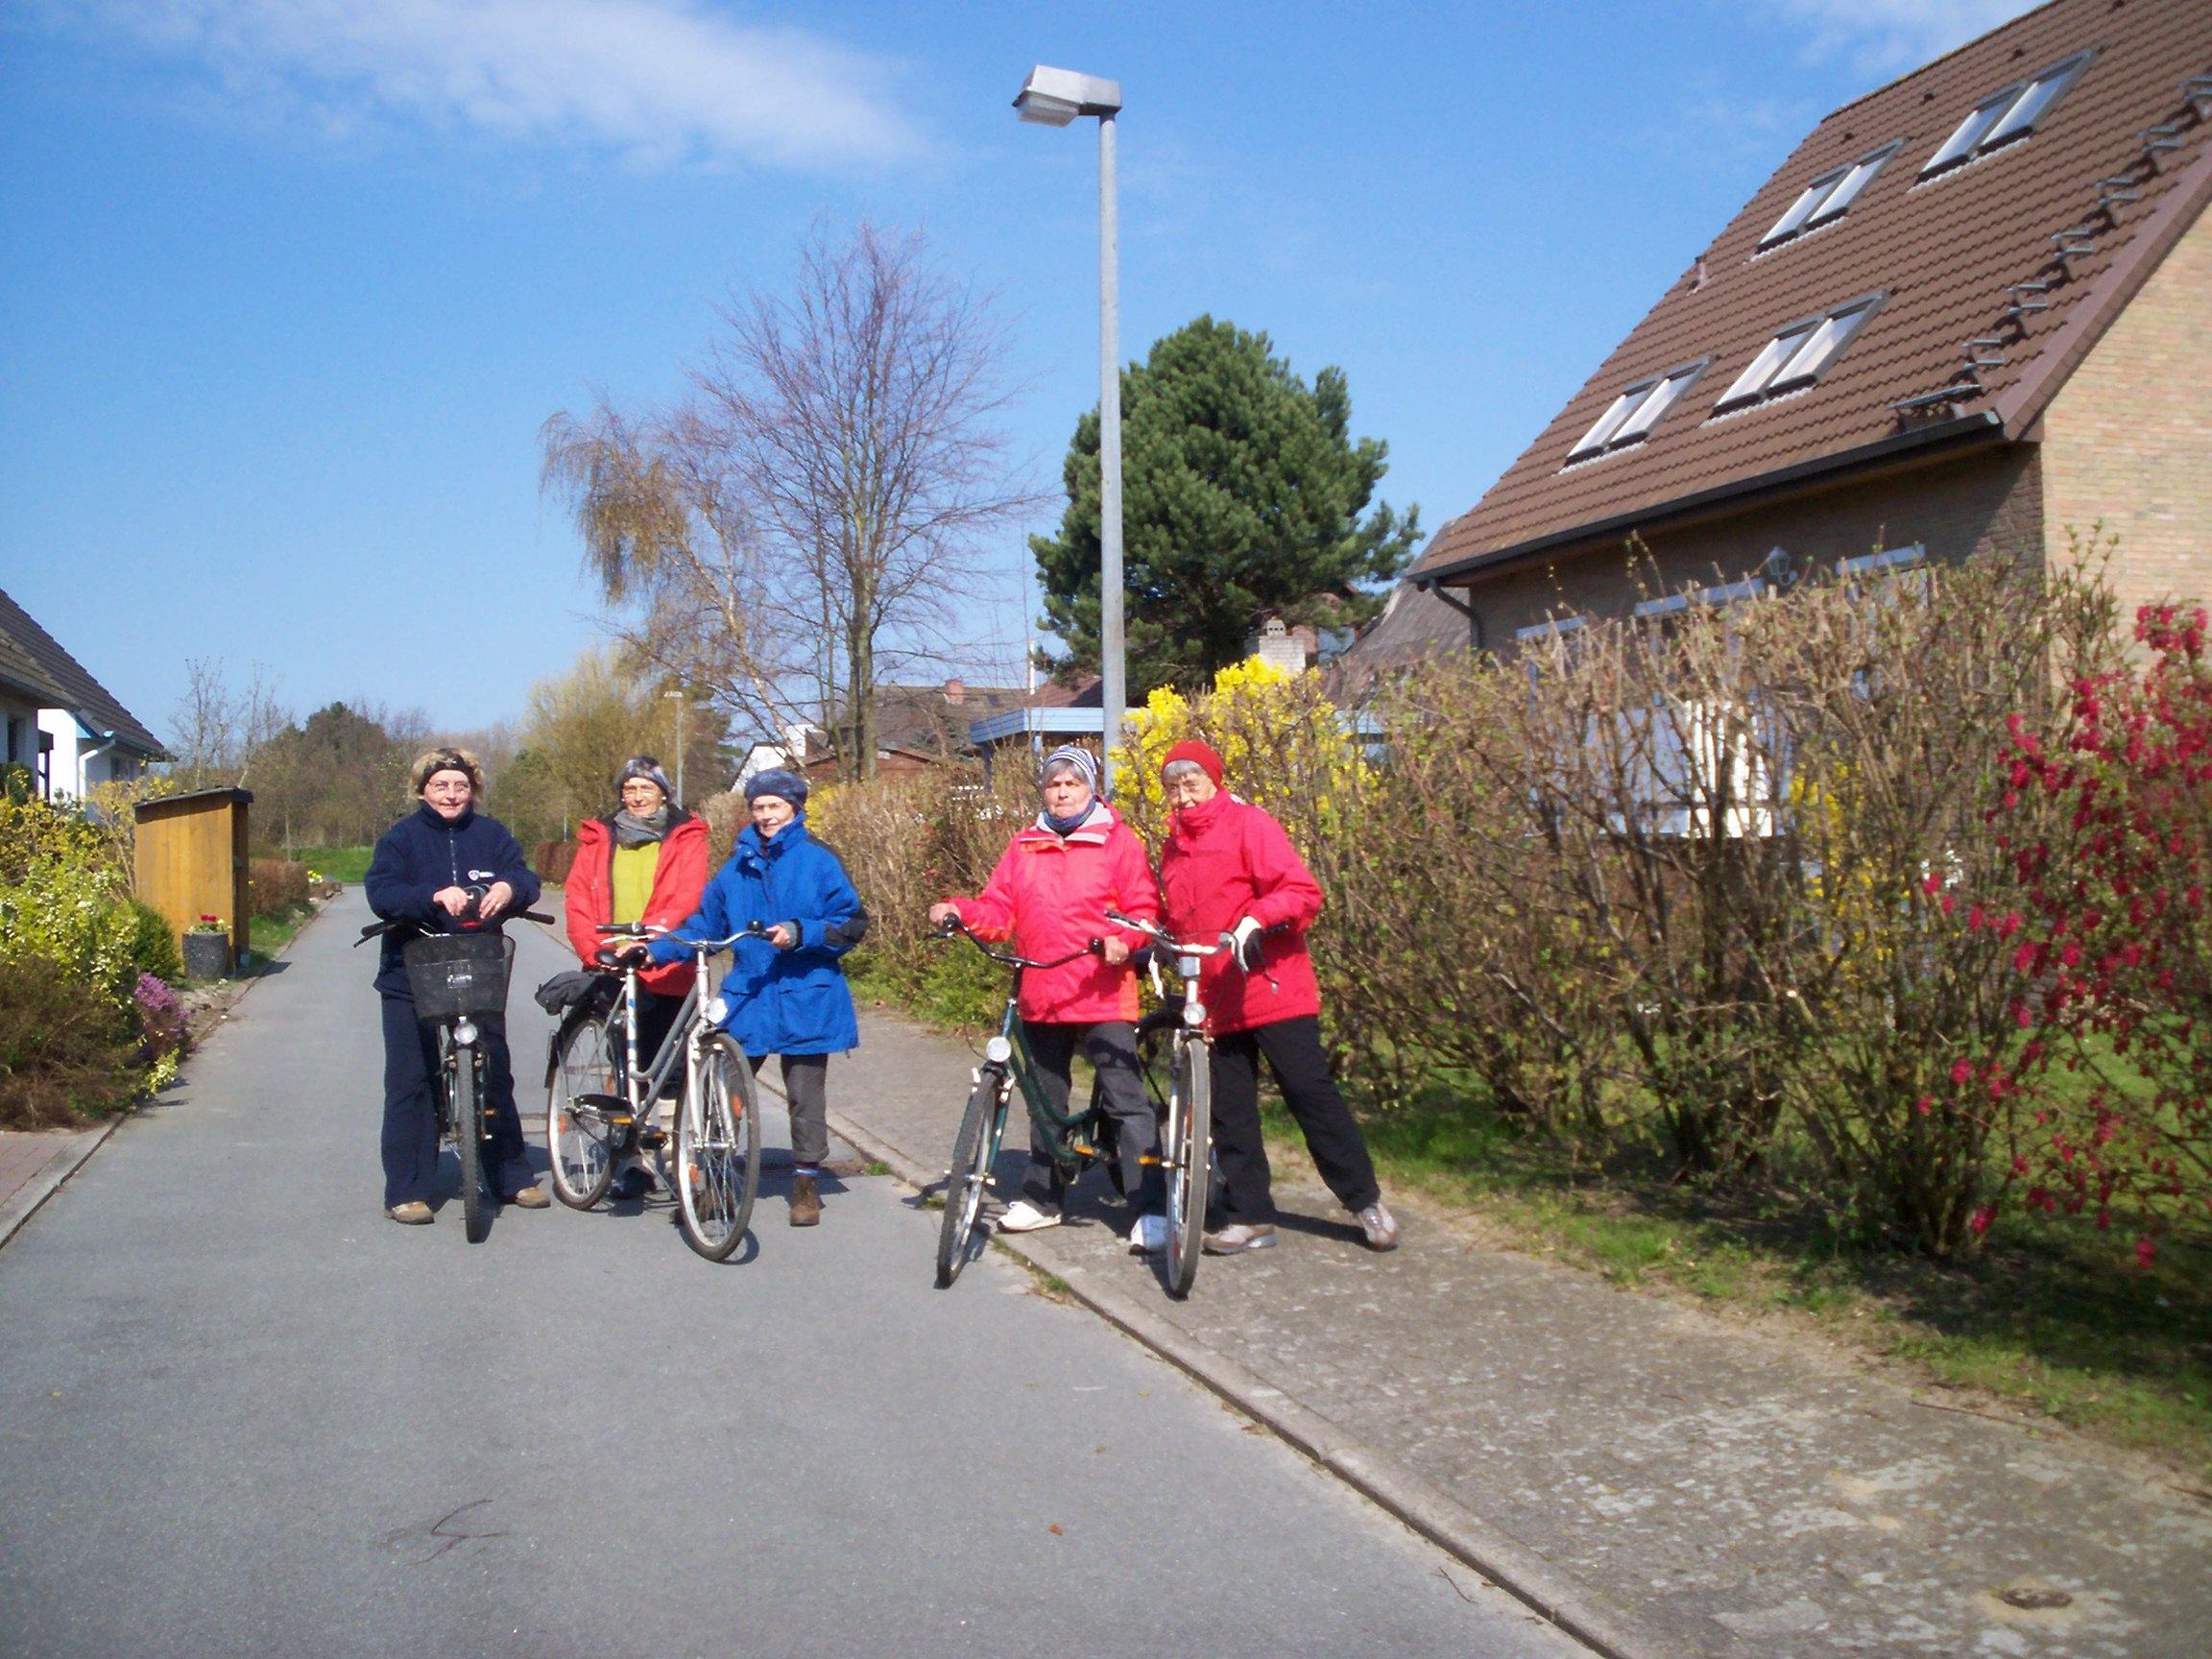 mit dem E-Bike die Gegend erkunden vom Michelthomilishof aus